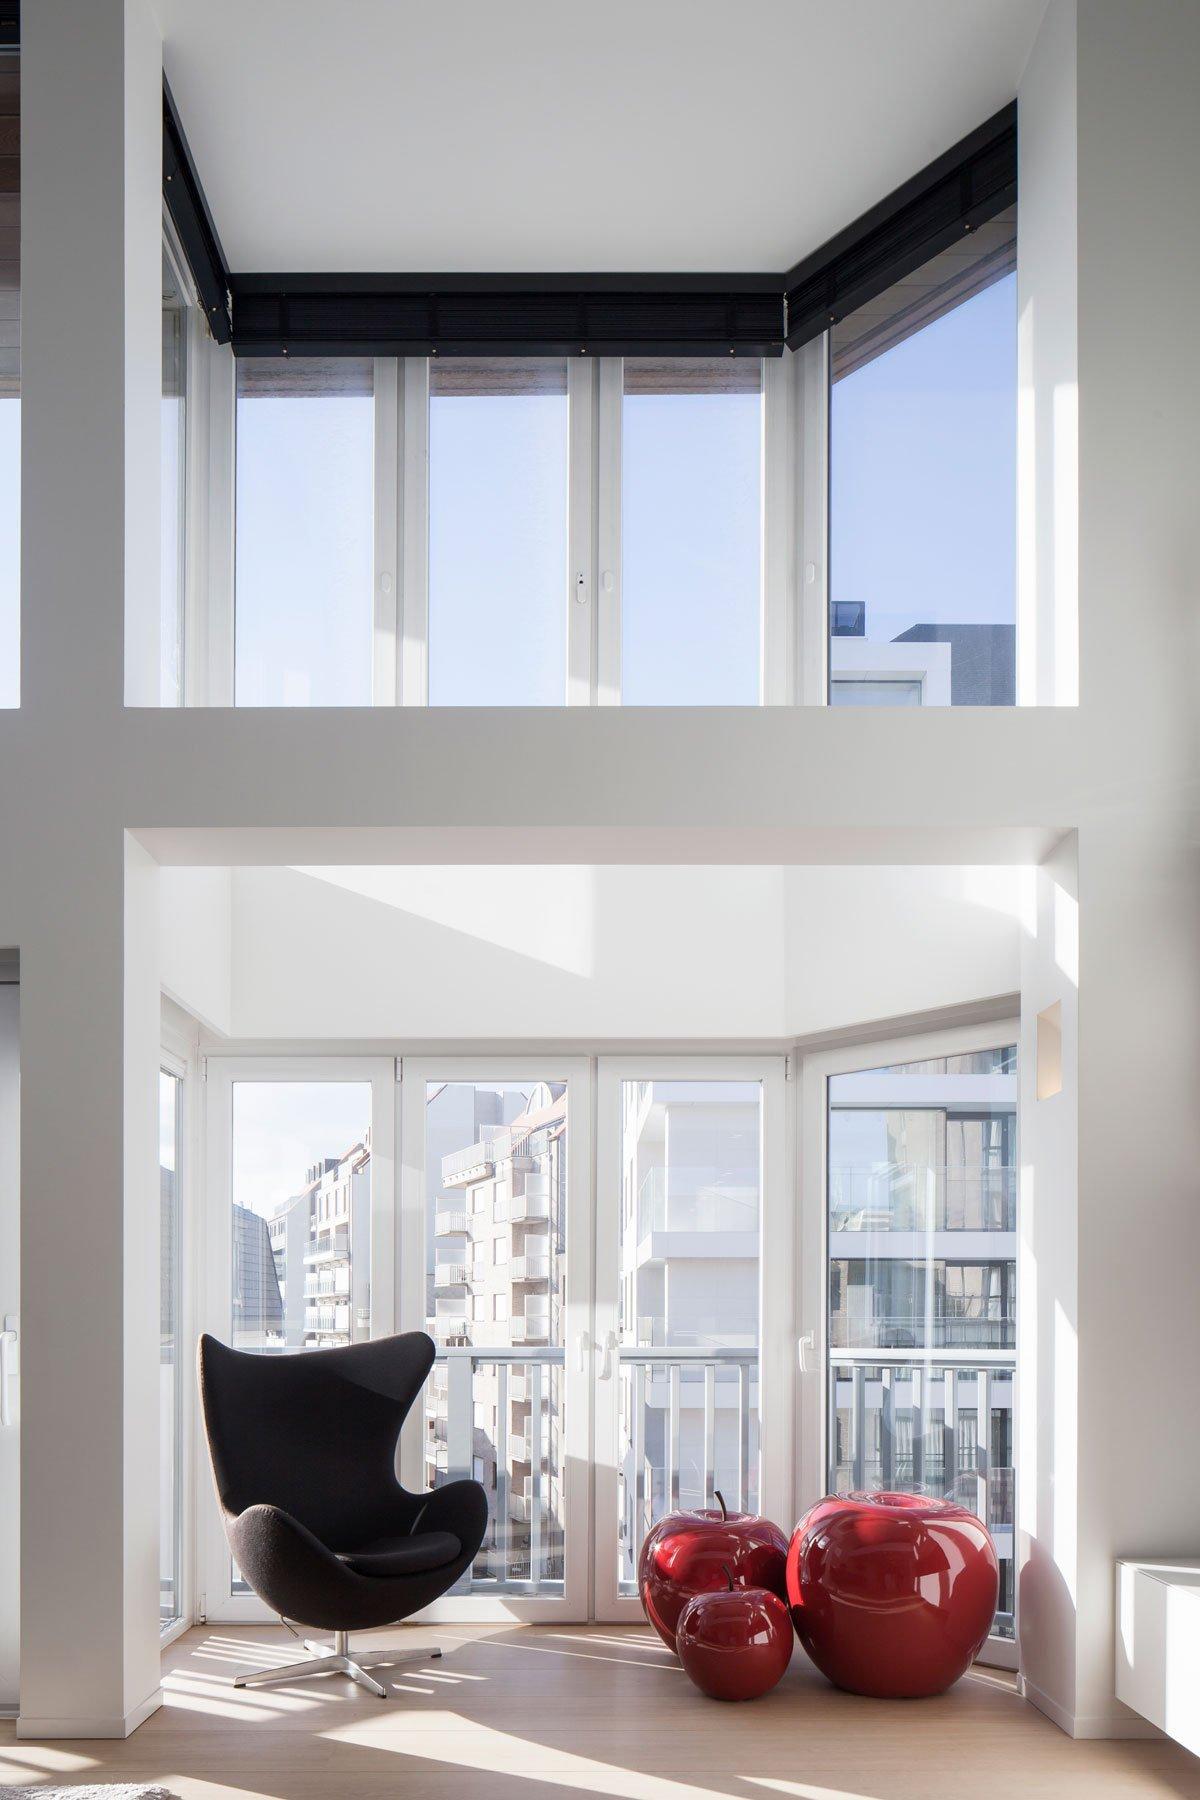 Appartement, uitzicht, grote ramen, RR interieur, meubilair, Knokse duplex, Stephan Gunst